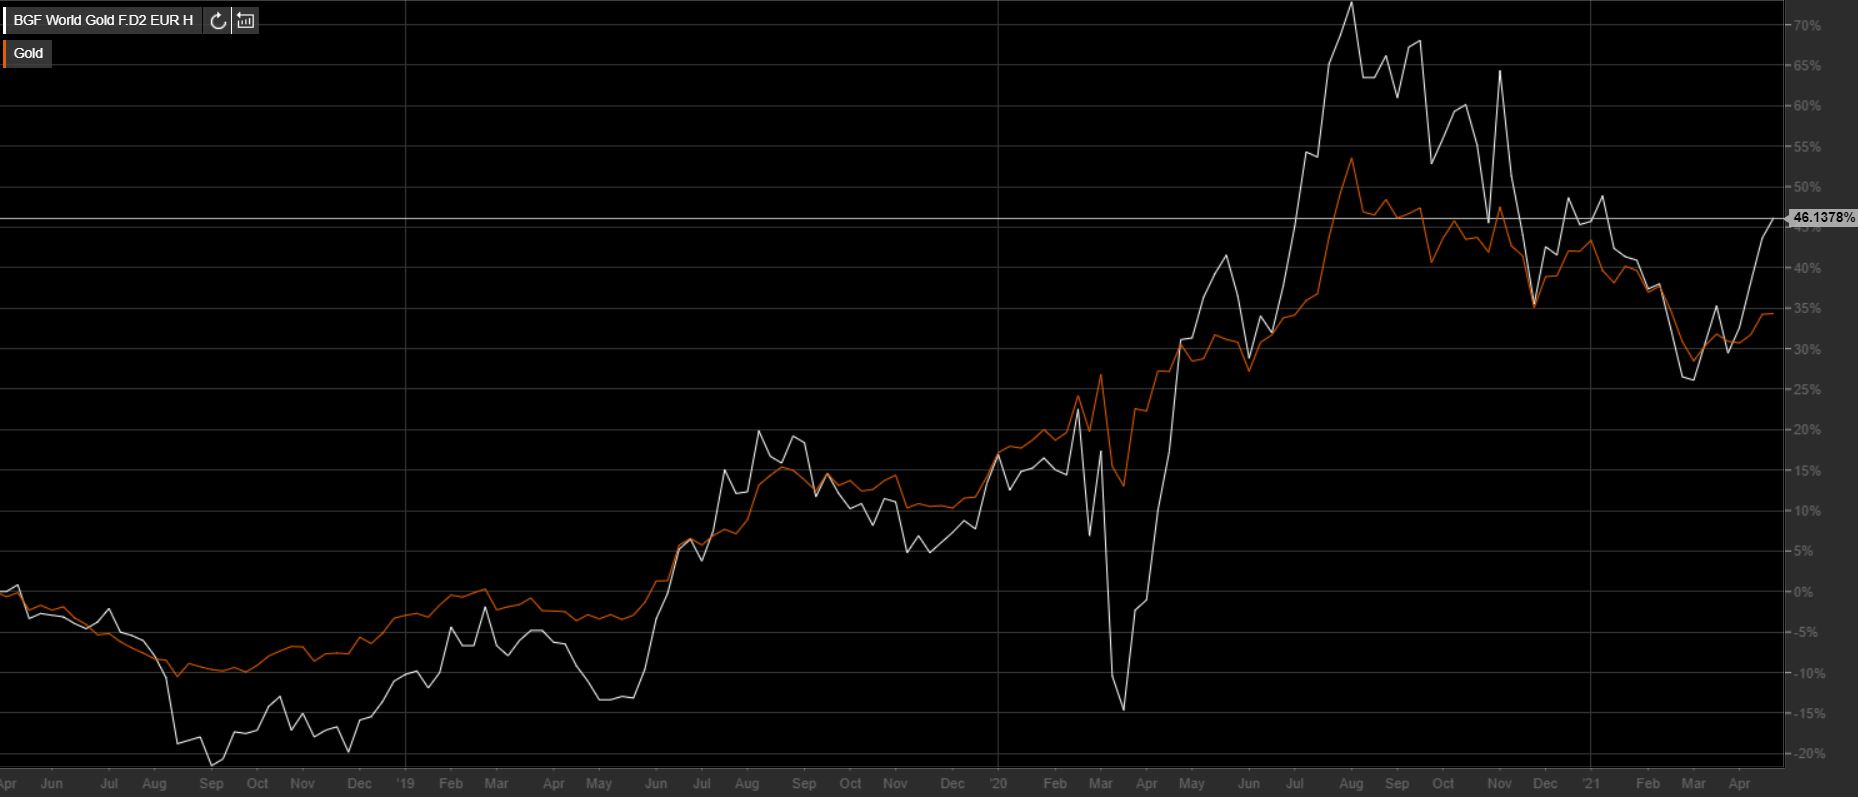 Gráfico dos: Oro vs Fondo (Fuente TeleTrader).